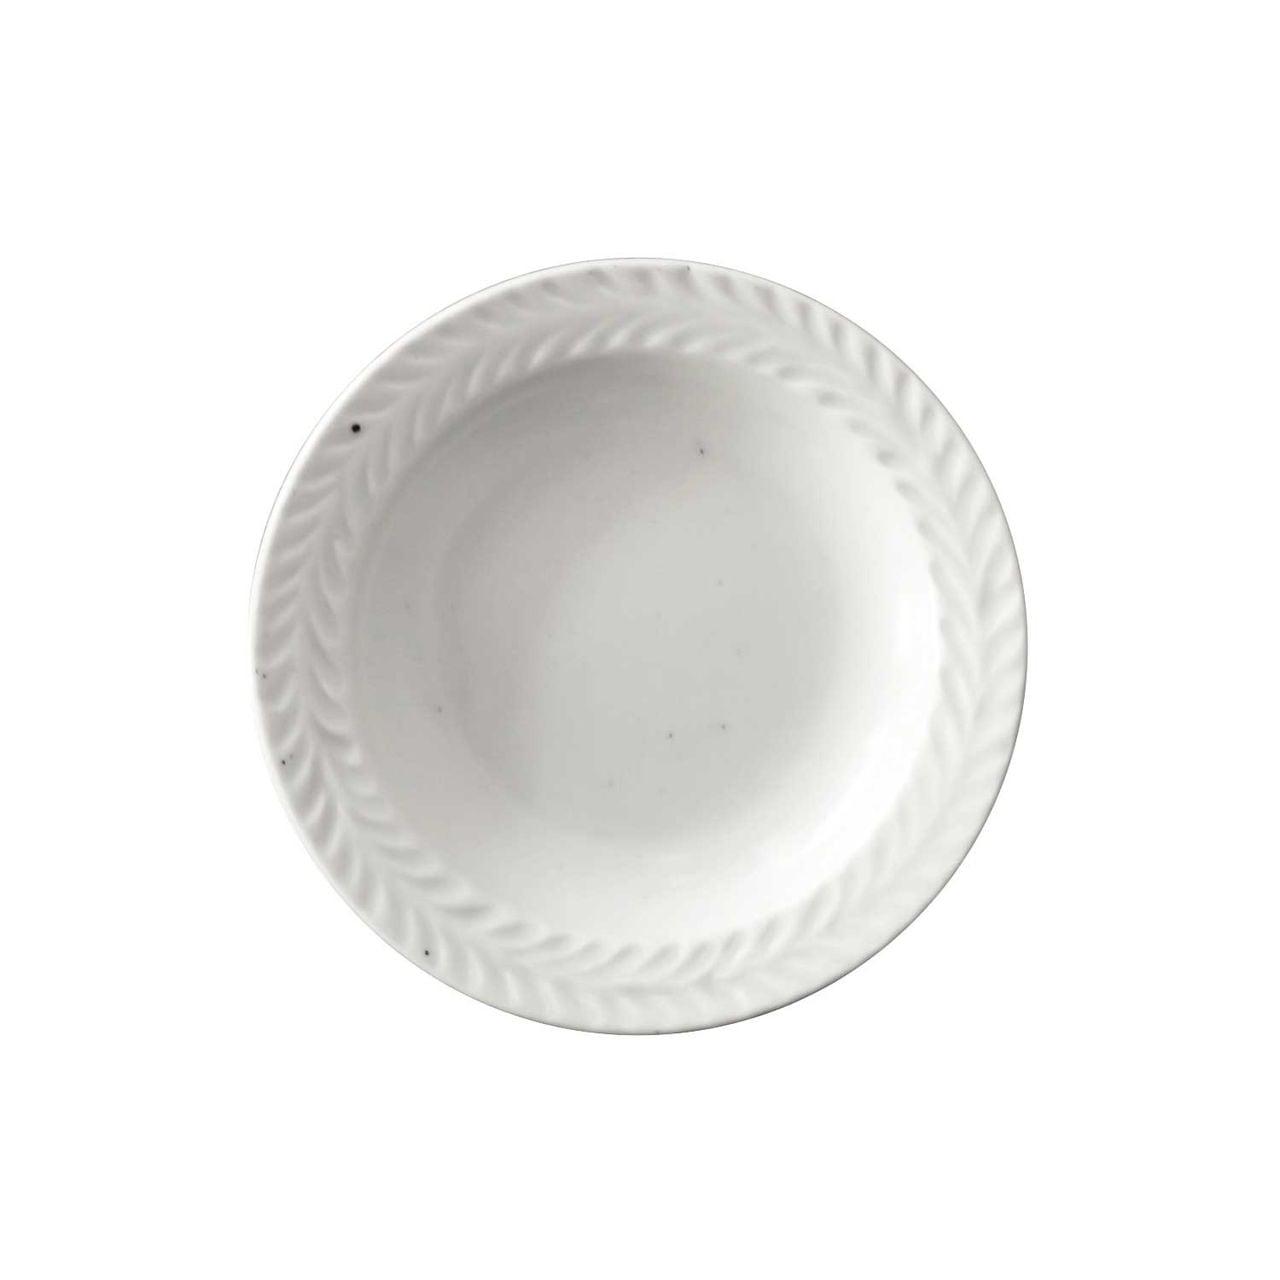 波佐見焼 翔芳窯 ローズマリー リムプレート 皿 約10cm マットホワイト 33412